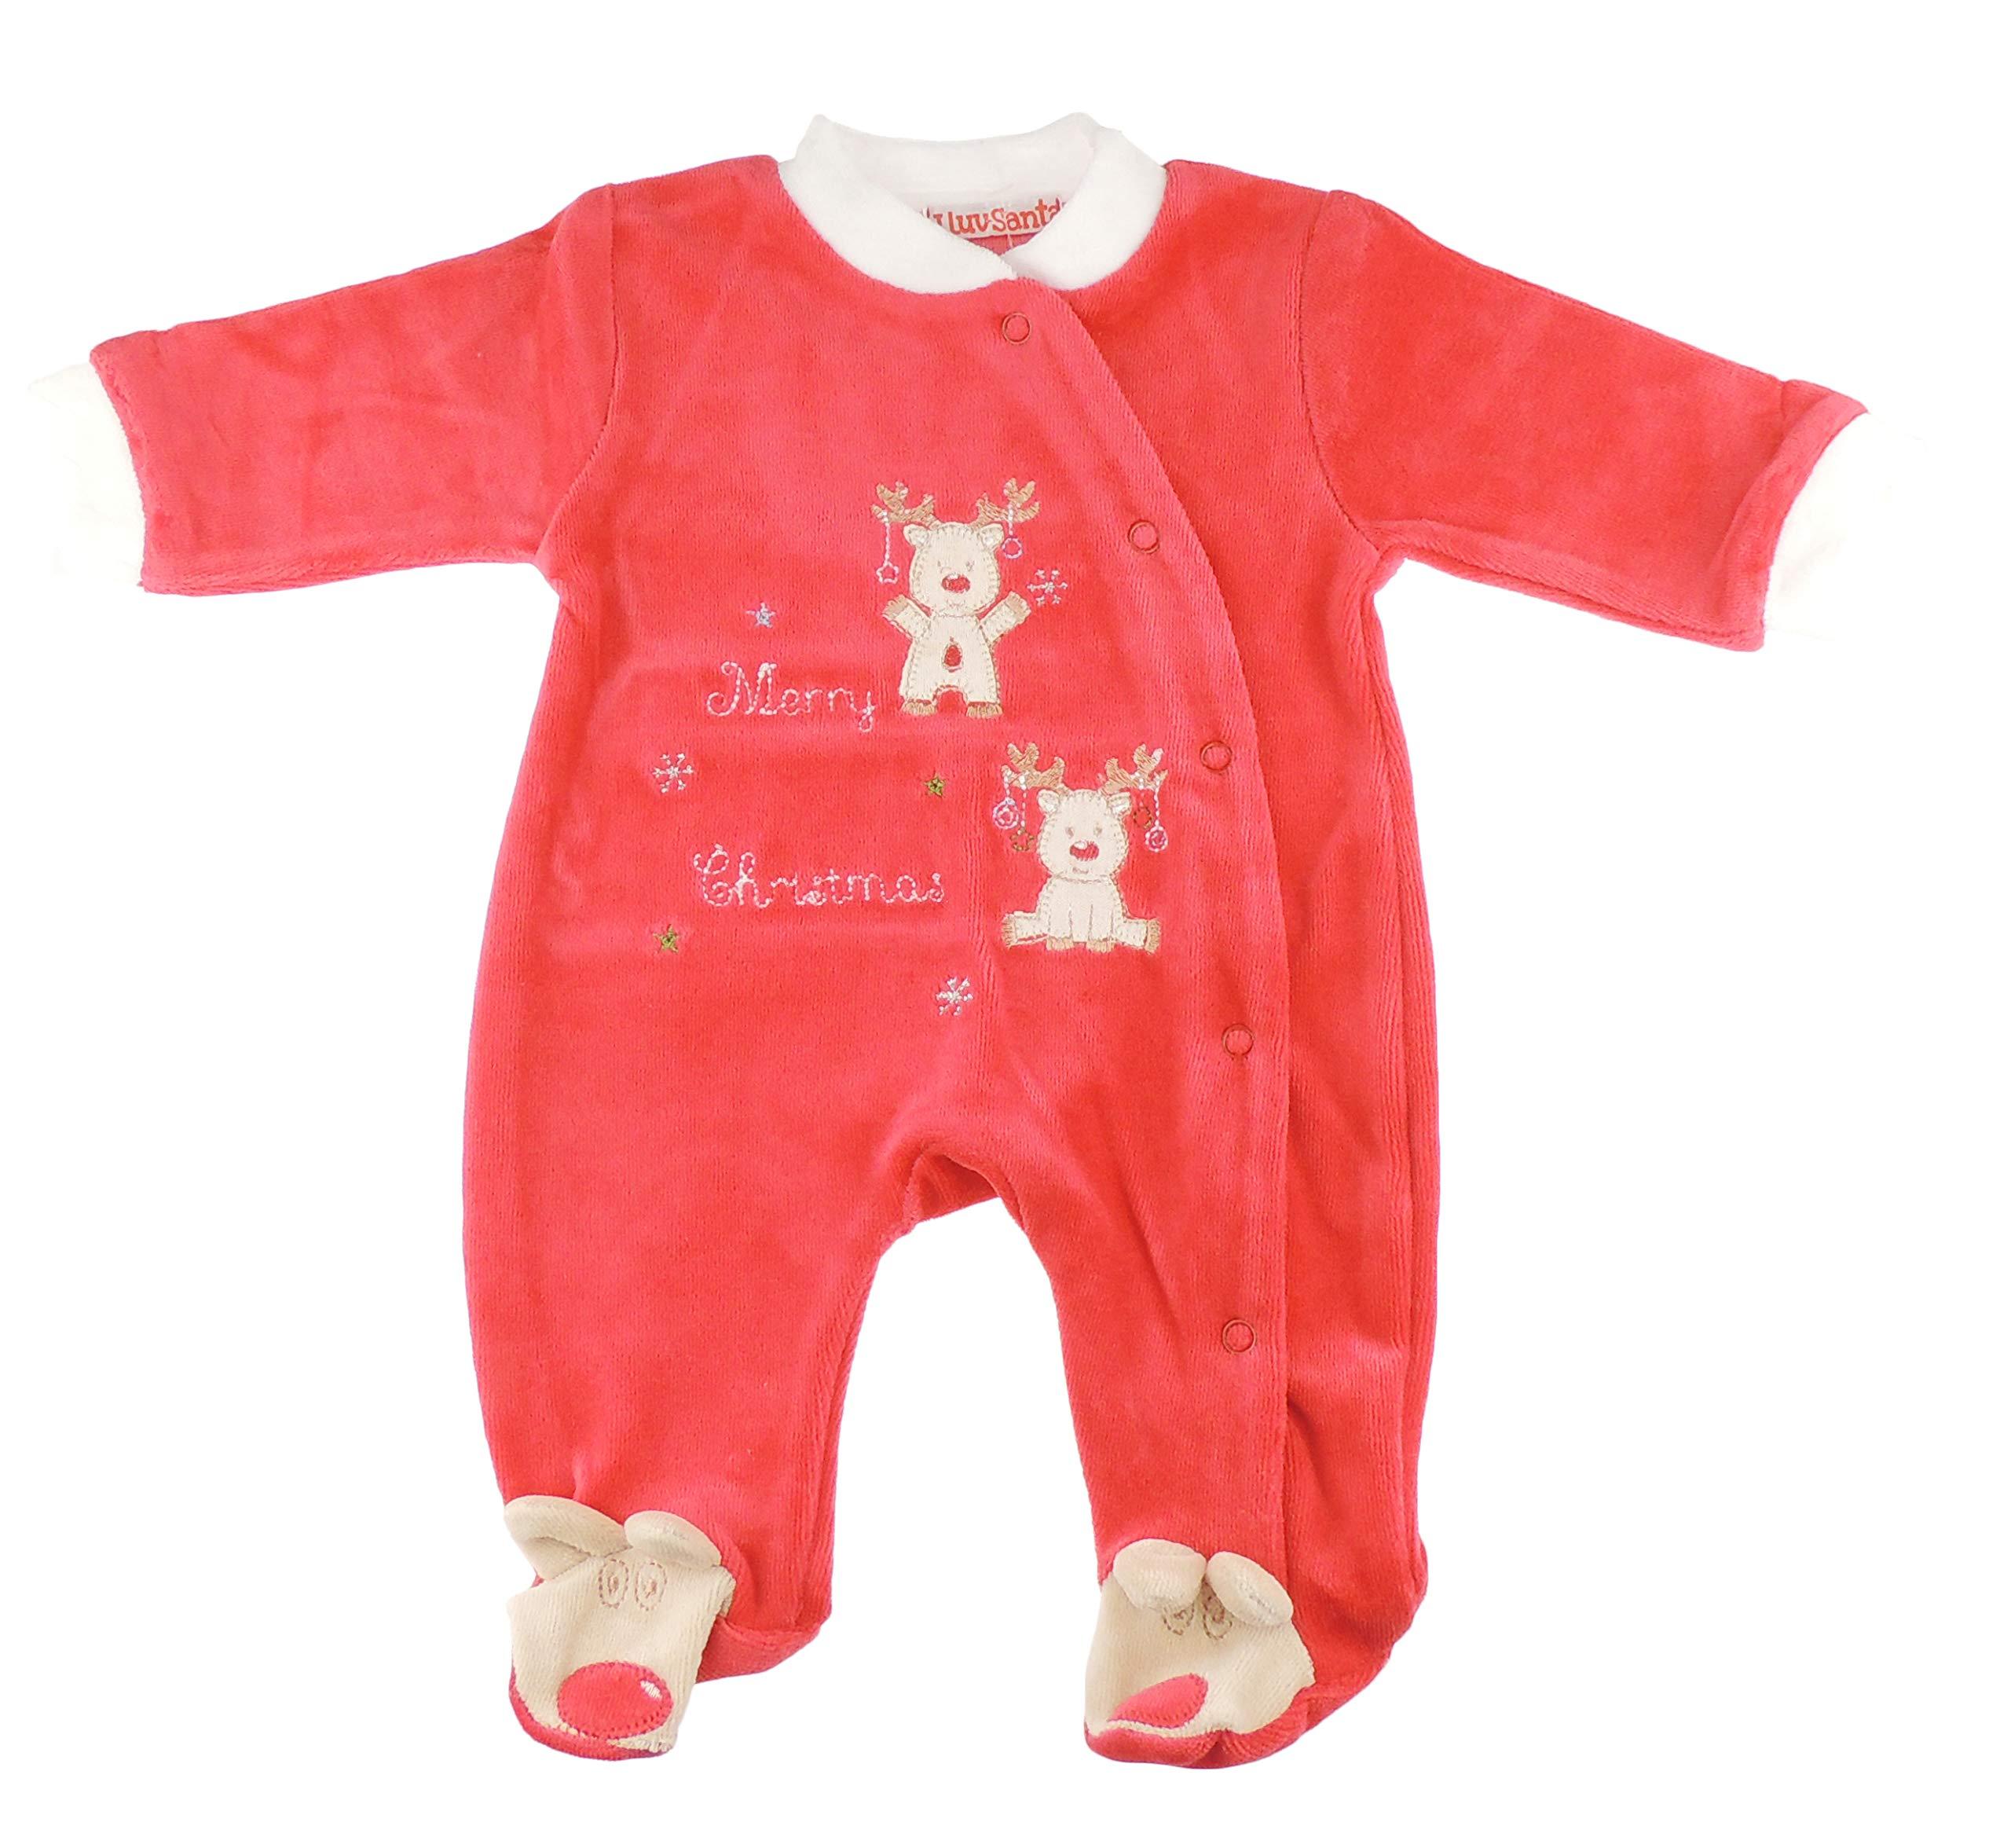 Pelele navideño de terciopelo con diseño de renos rojos rojo rosso Talla:recién nacido 1